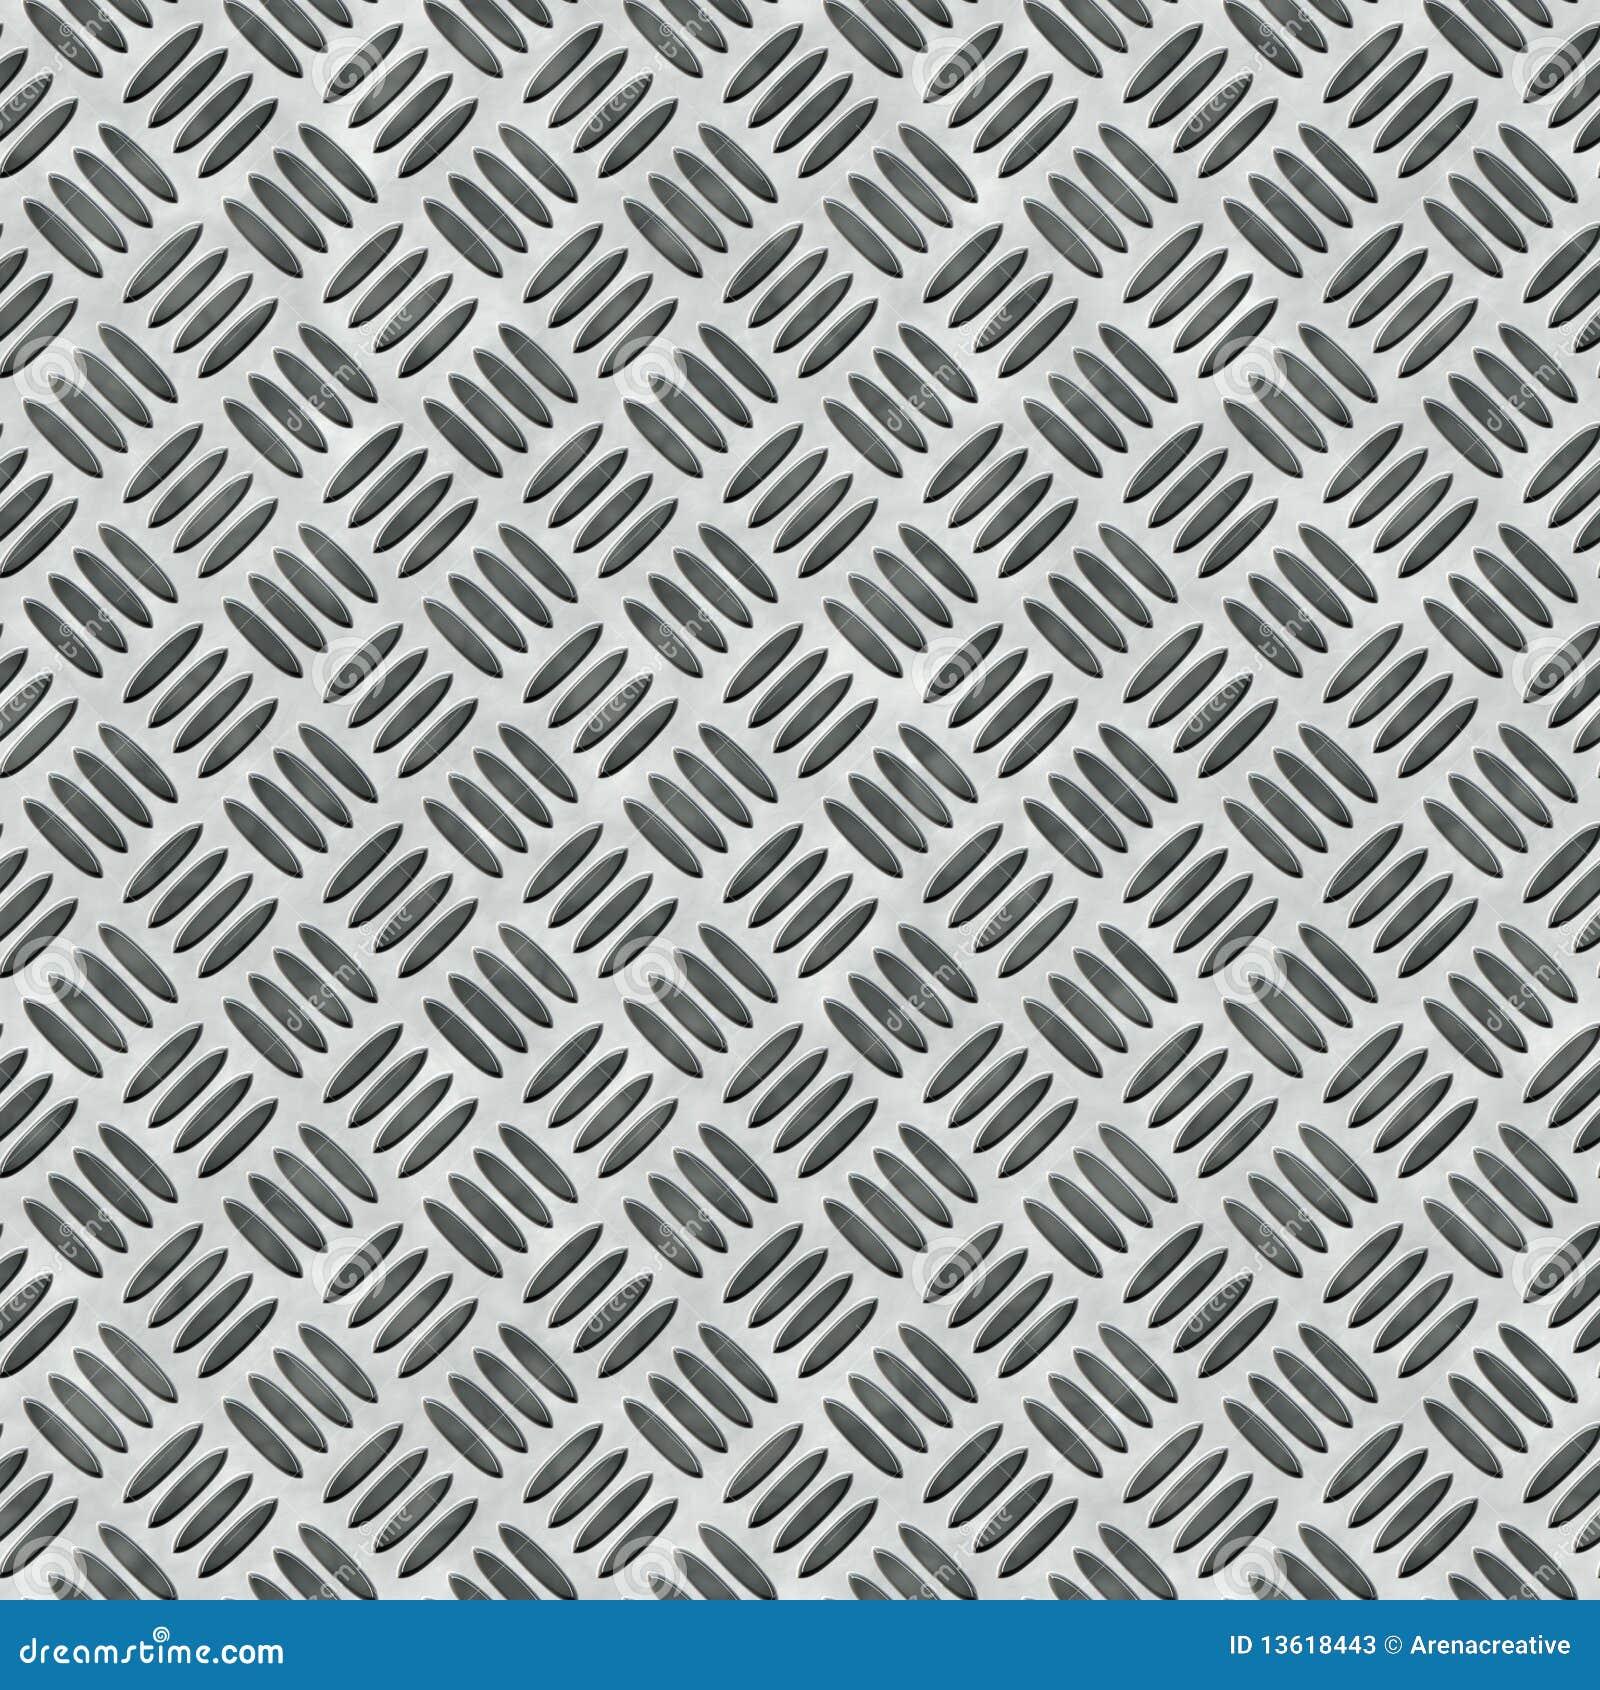 Diamond Plate Bumped Metal Stock Photos Image 13618443